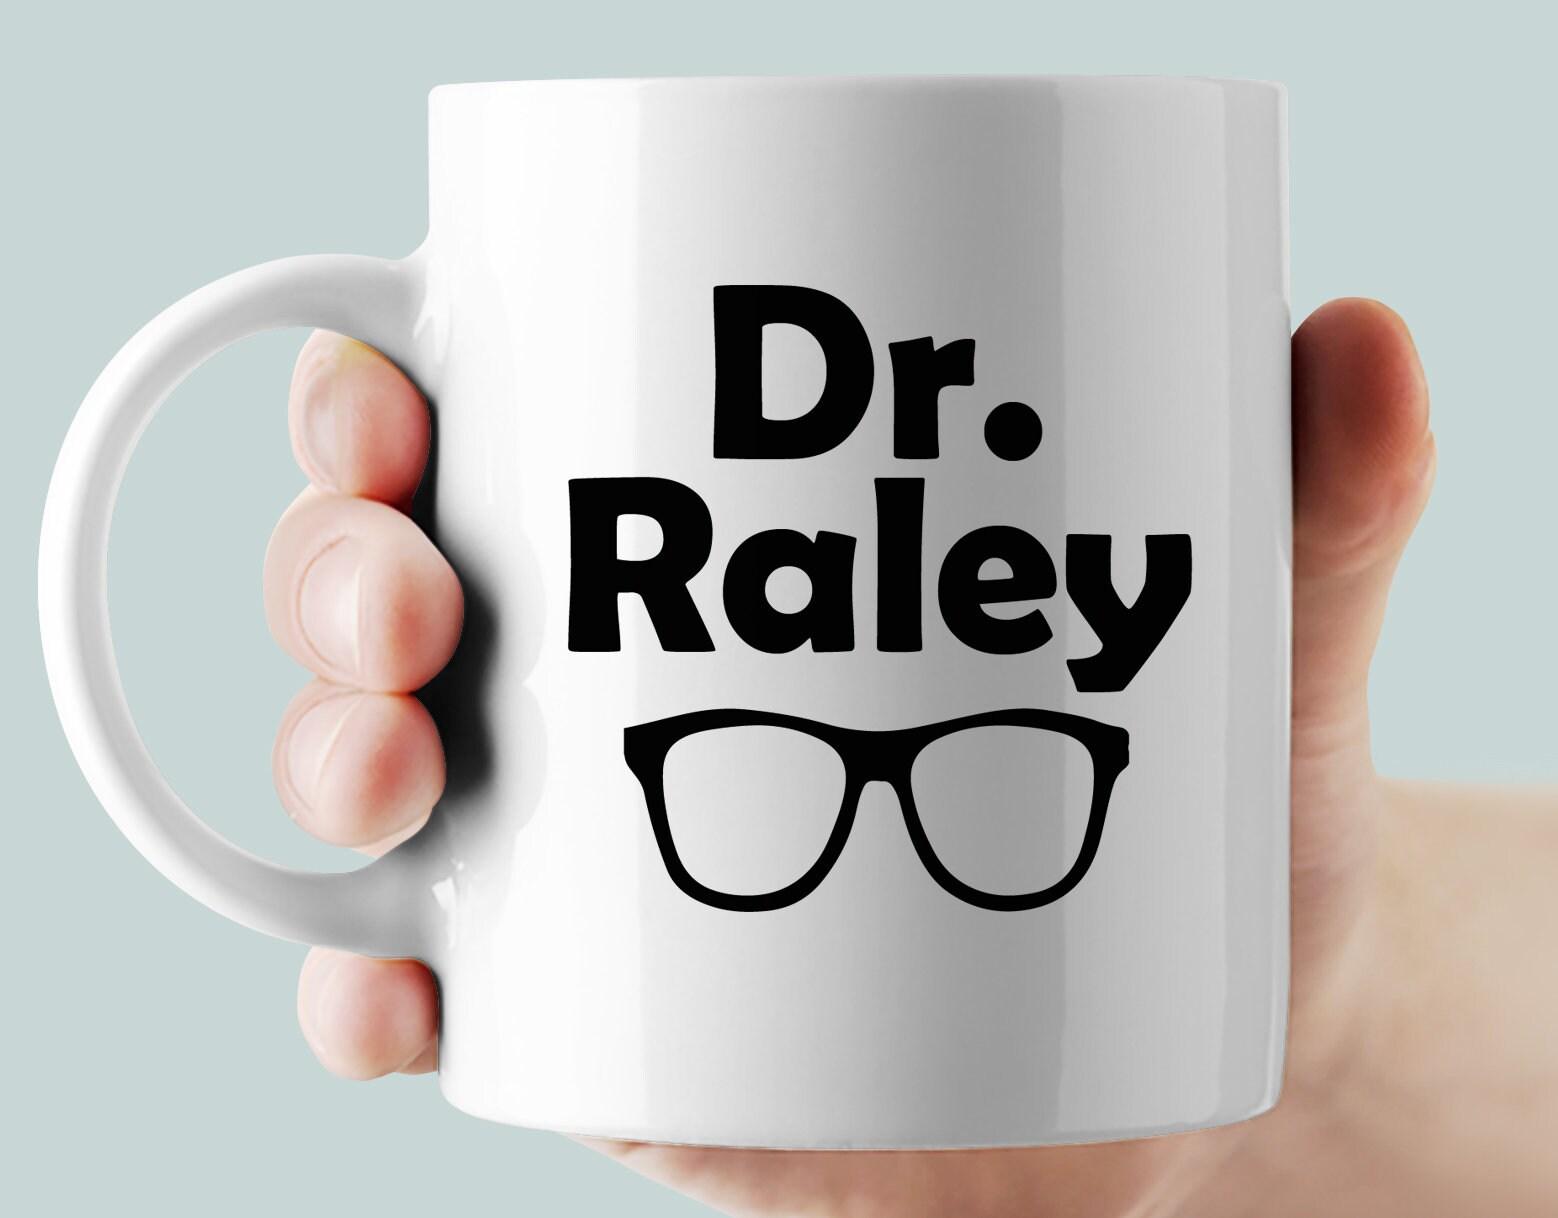 Tazza Personalizzata Fai Da Te oculista tazza, personalizzato dottore tazza, tazza personalizzato, tazze  optometrista, regalo per eye doc, ophtamologist mug, optometria regalo,